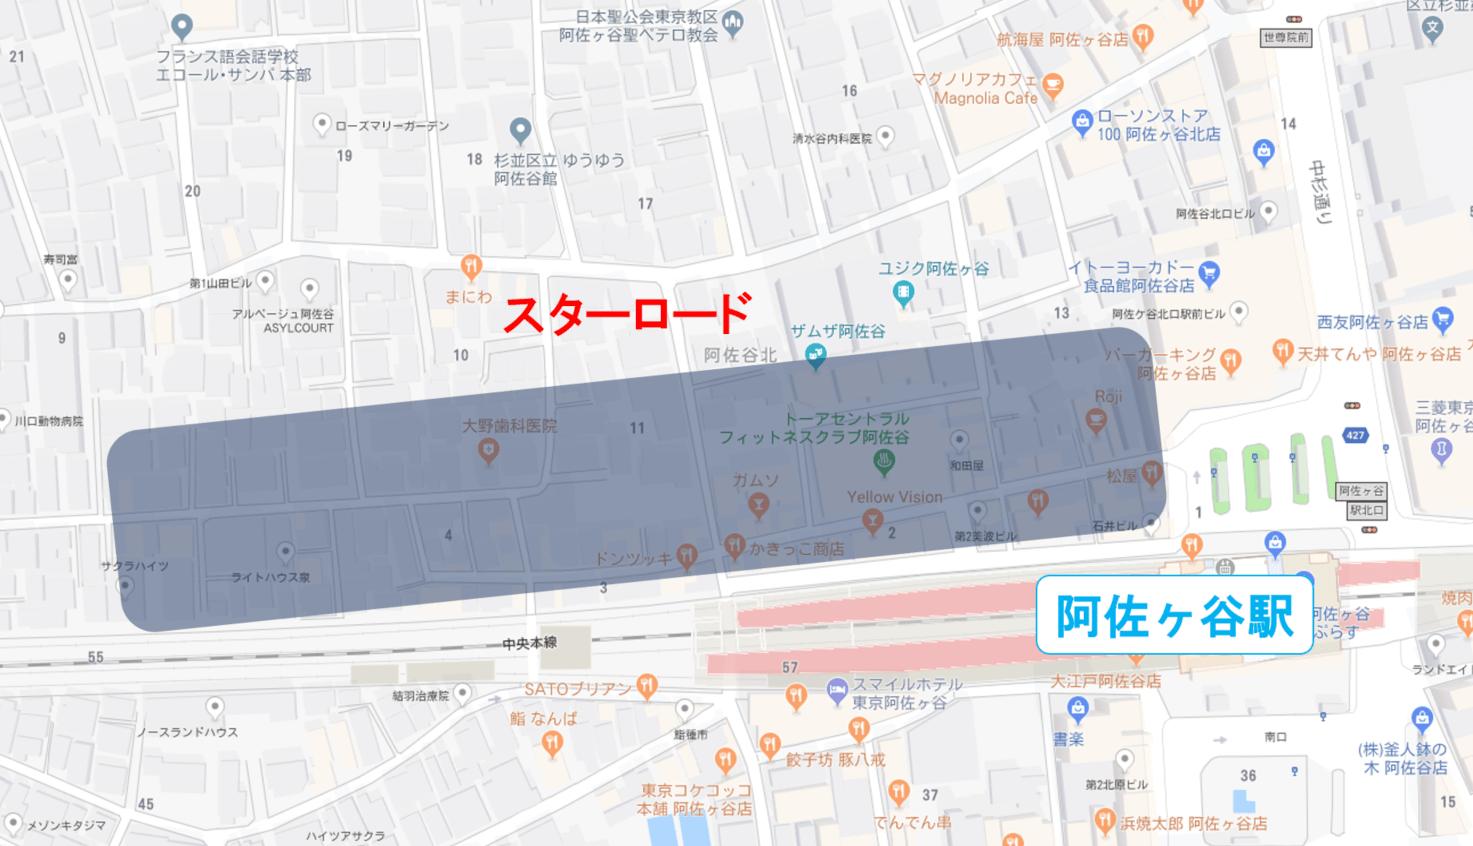 スターロードの地図